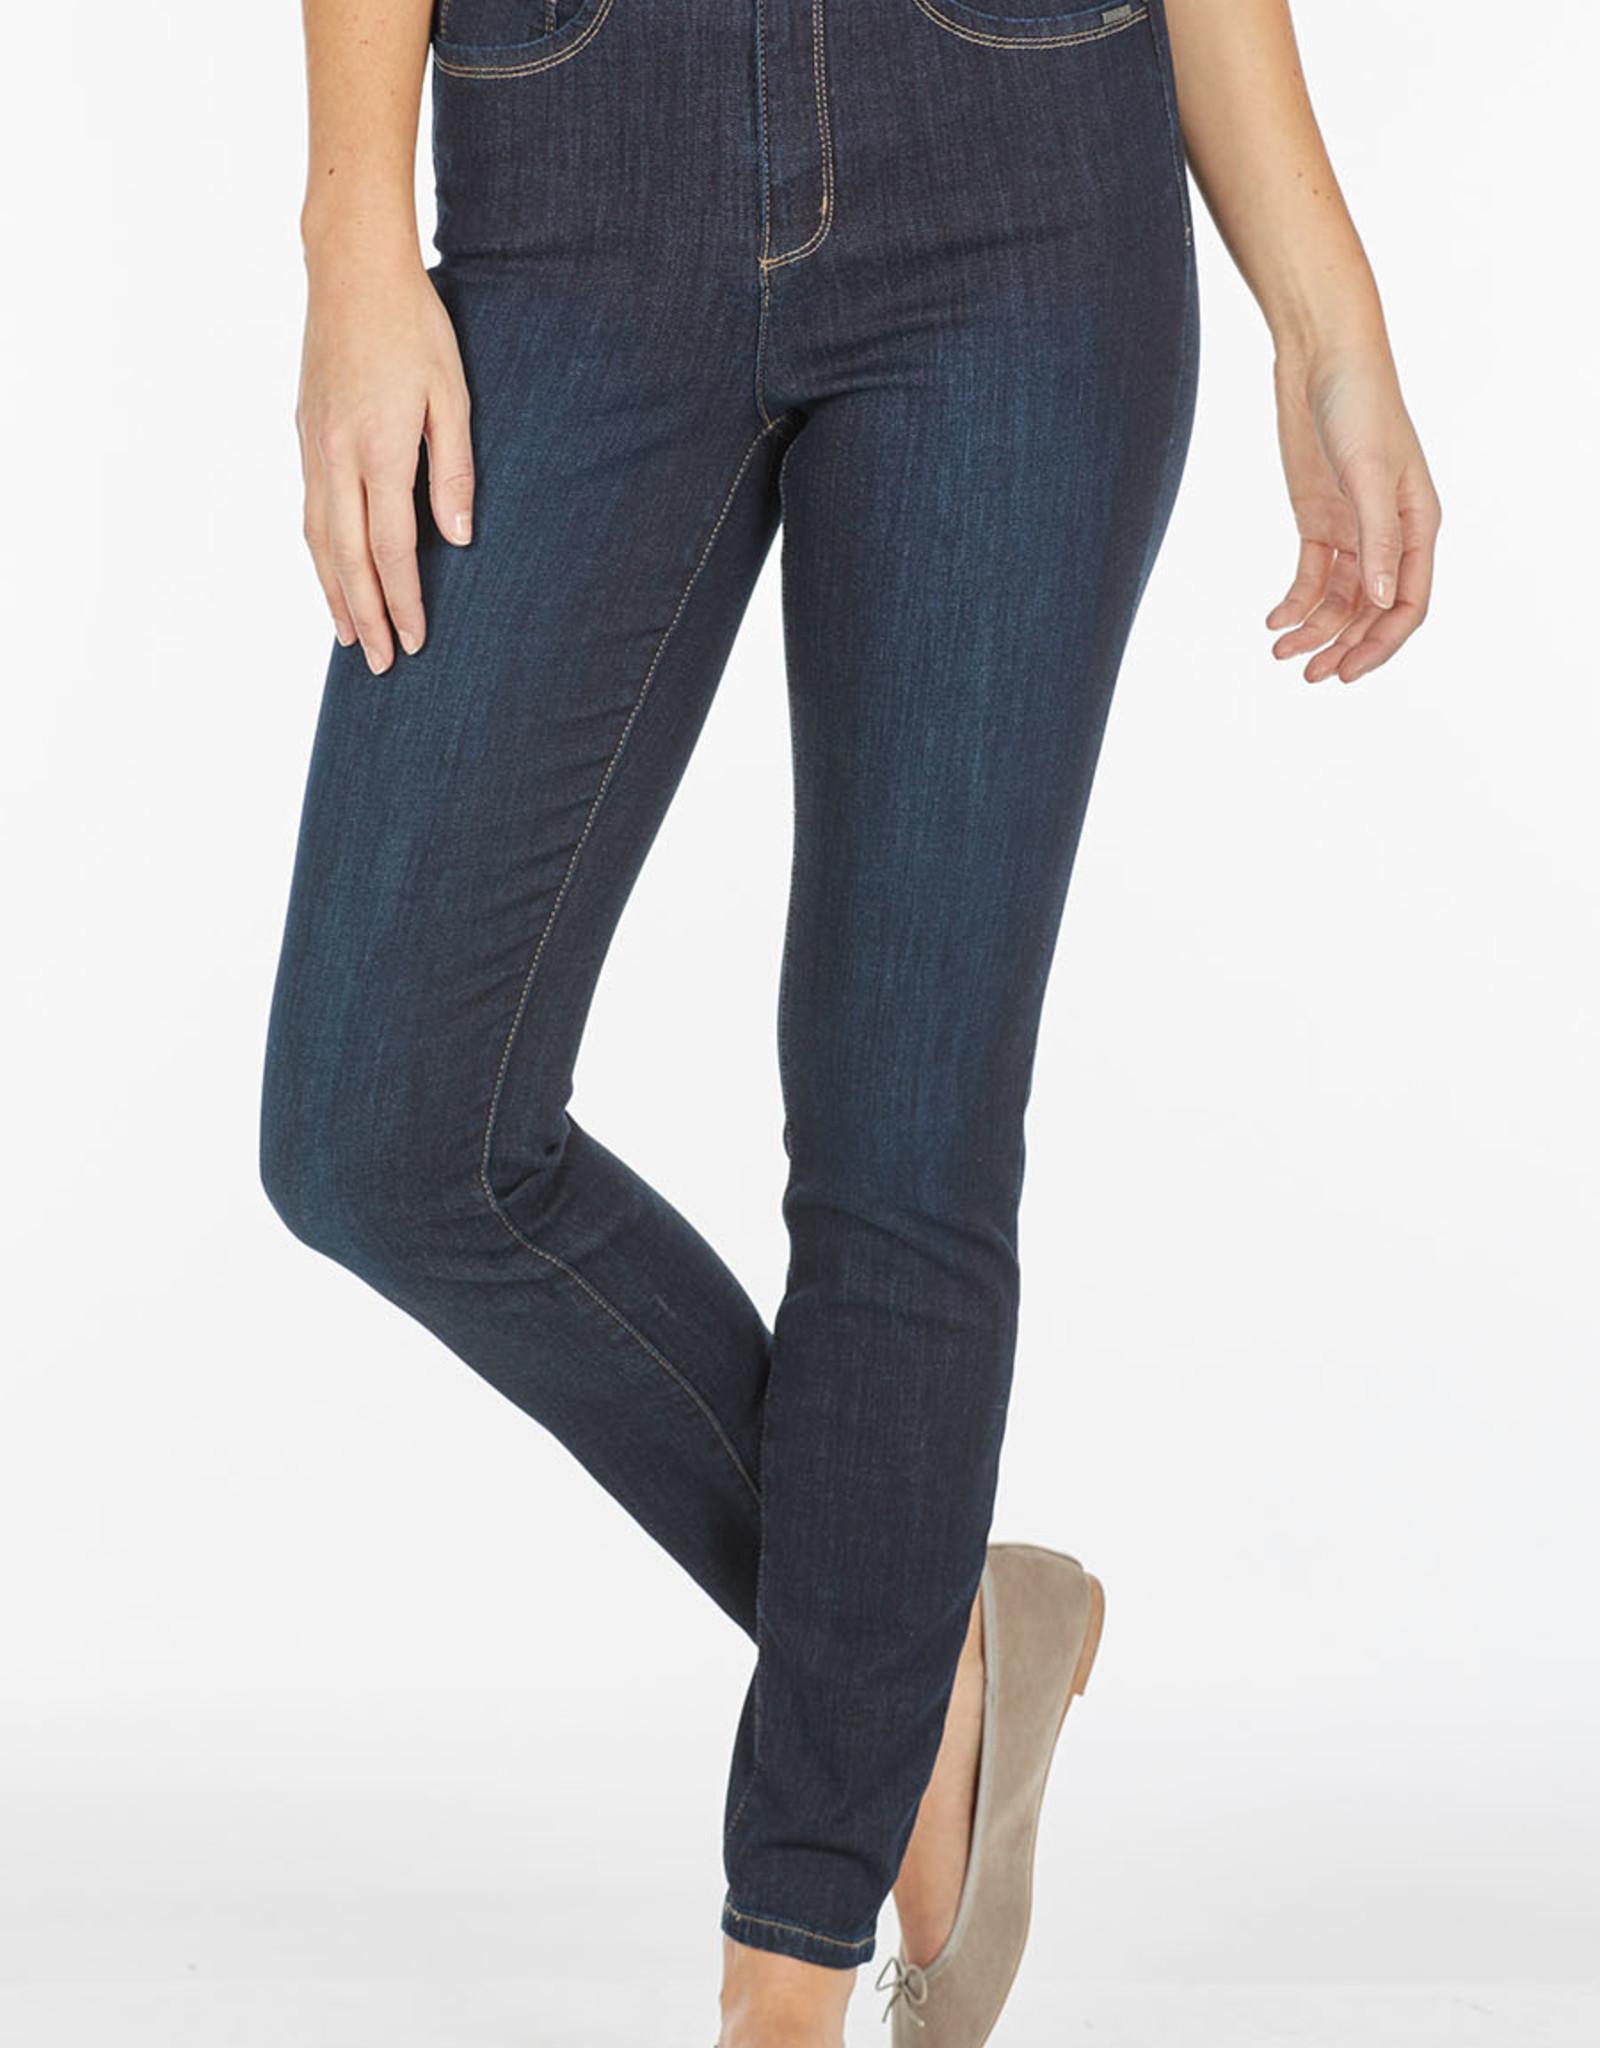 French Dressing Jeans French Dressing Jeans 8705630 Petite Suzanne Slim Leg